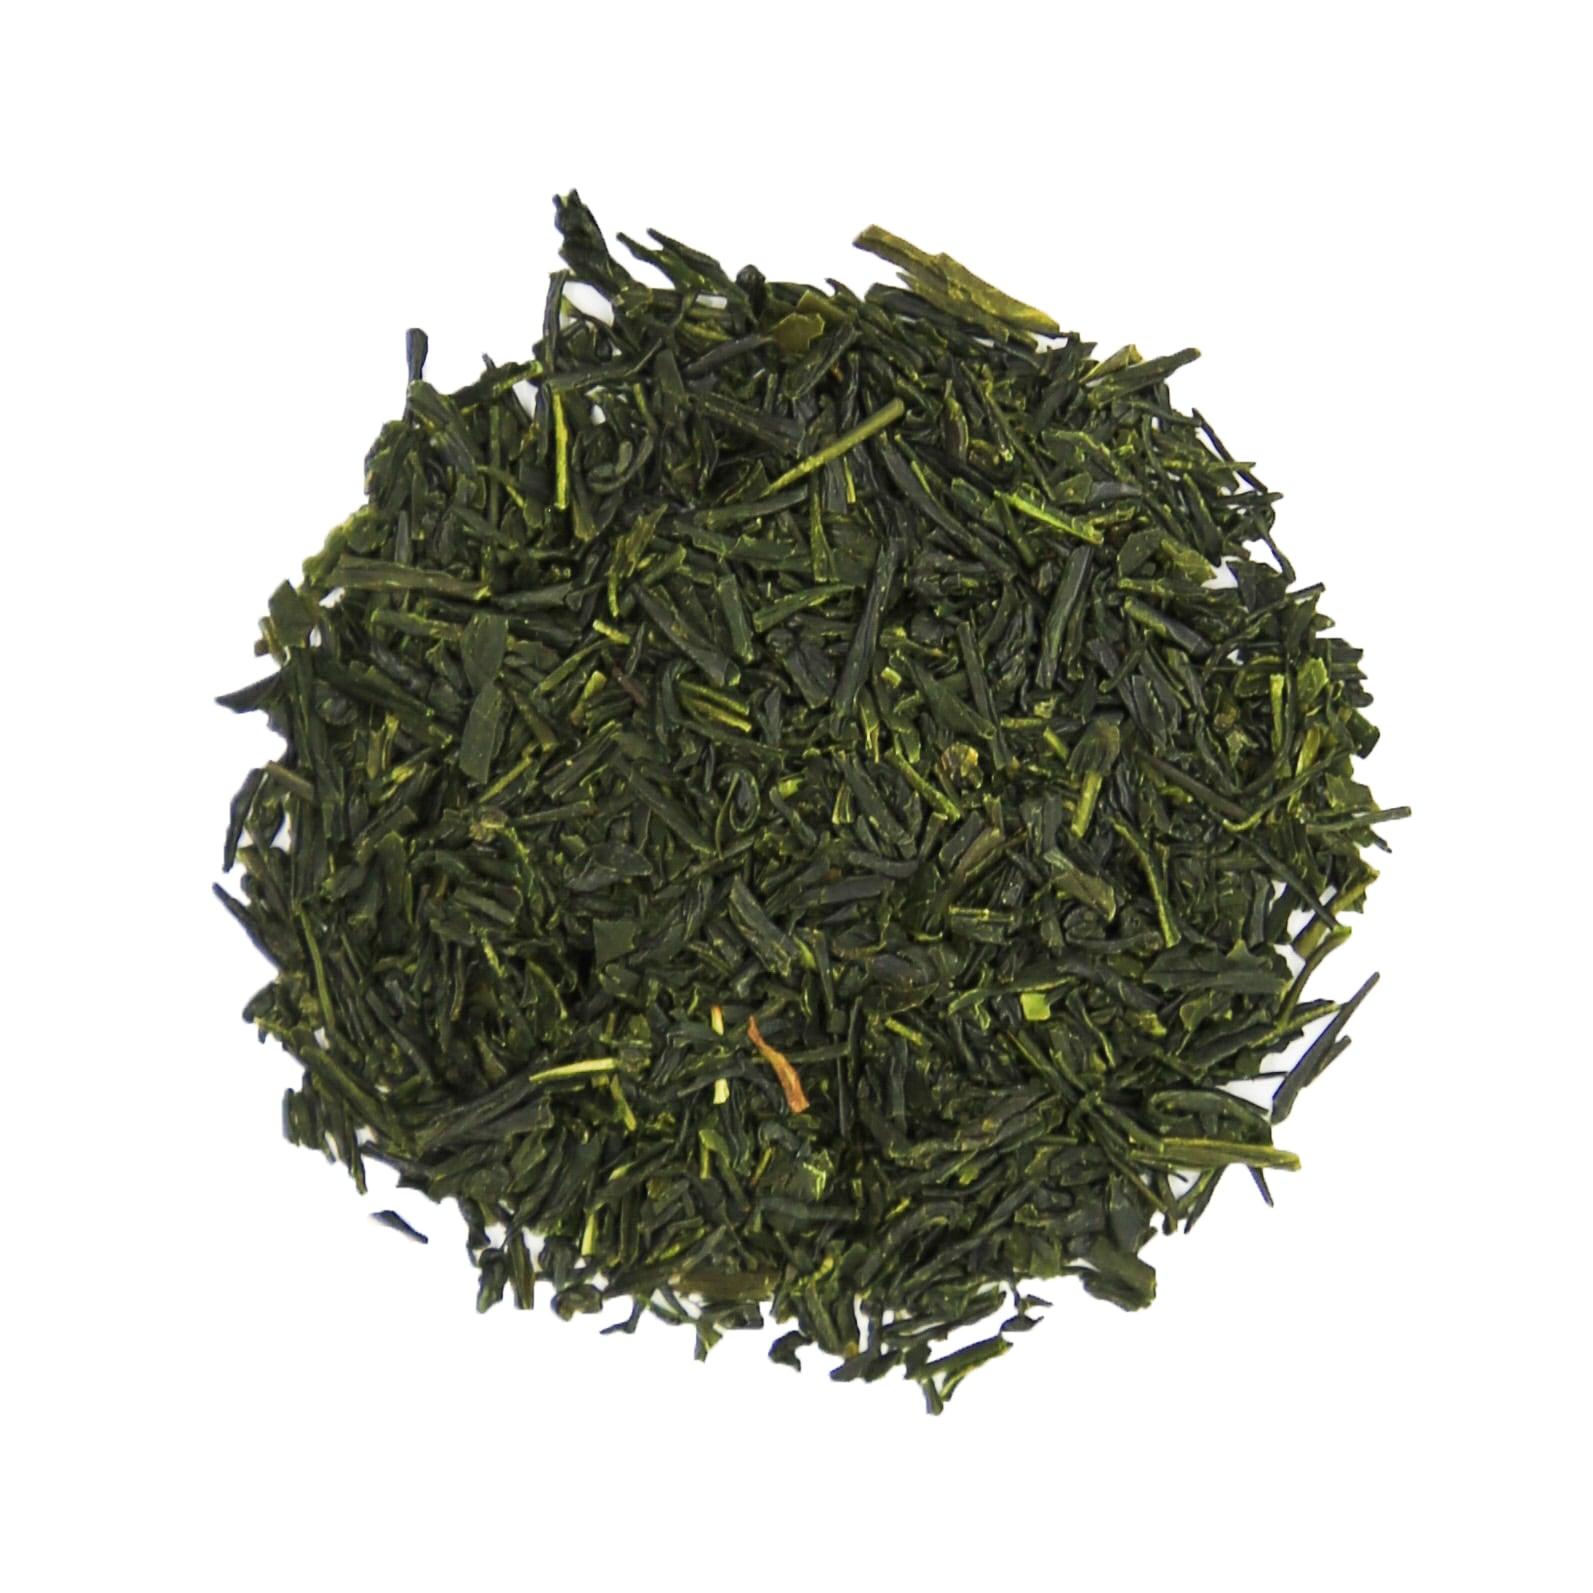 【サンプル】アールグレイ煎茶 30g